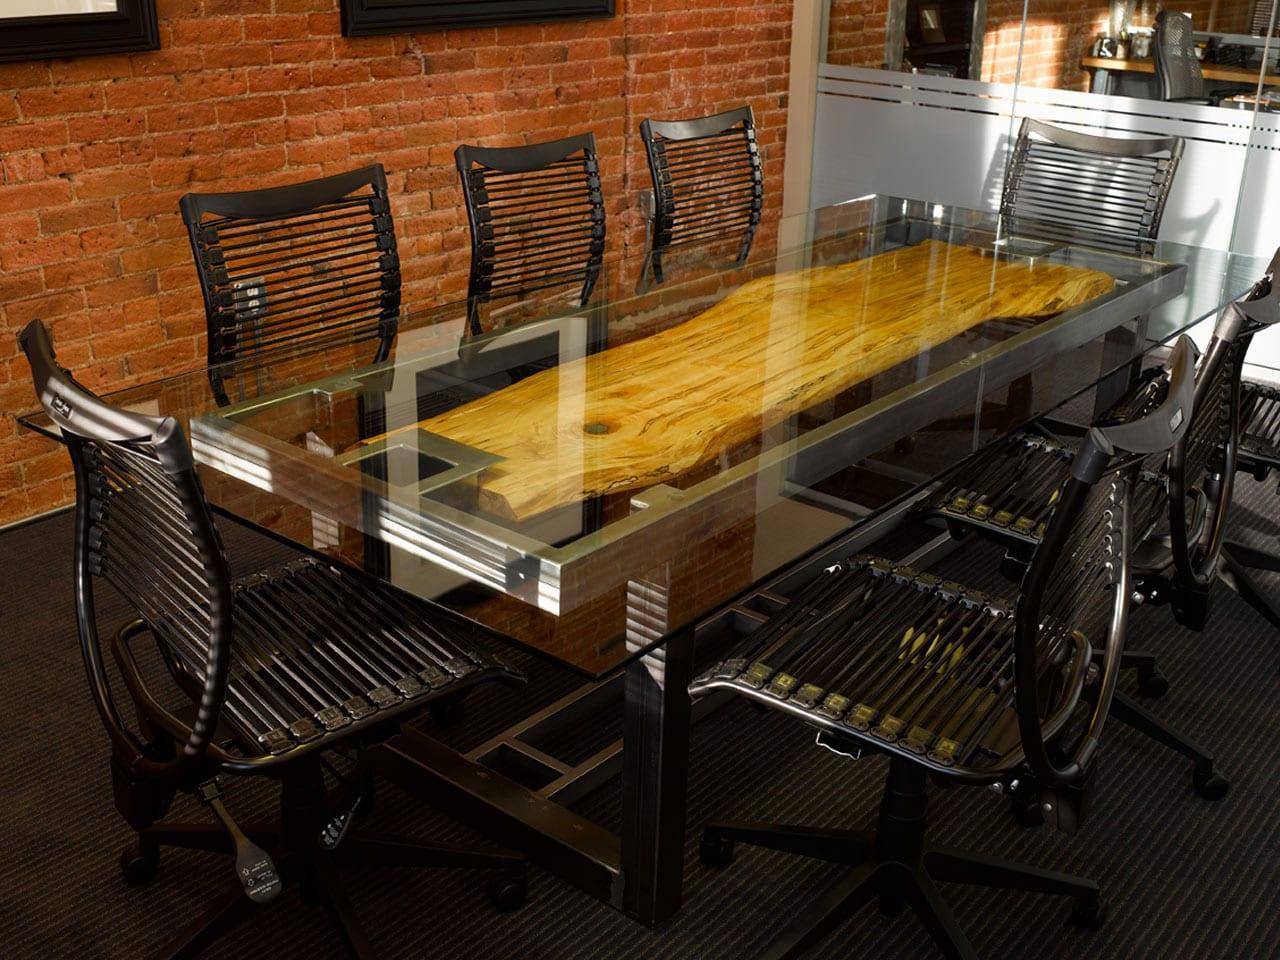 Esstisch mit Platte aus Glas und Holz mit Edelstahl Grundlage